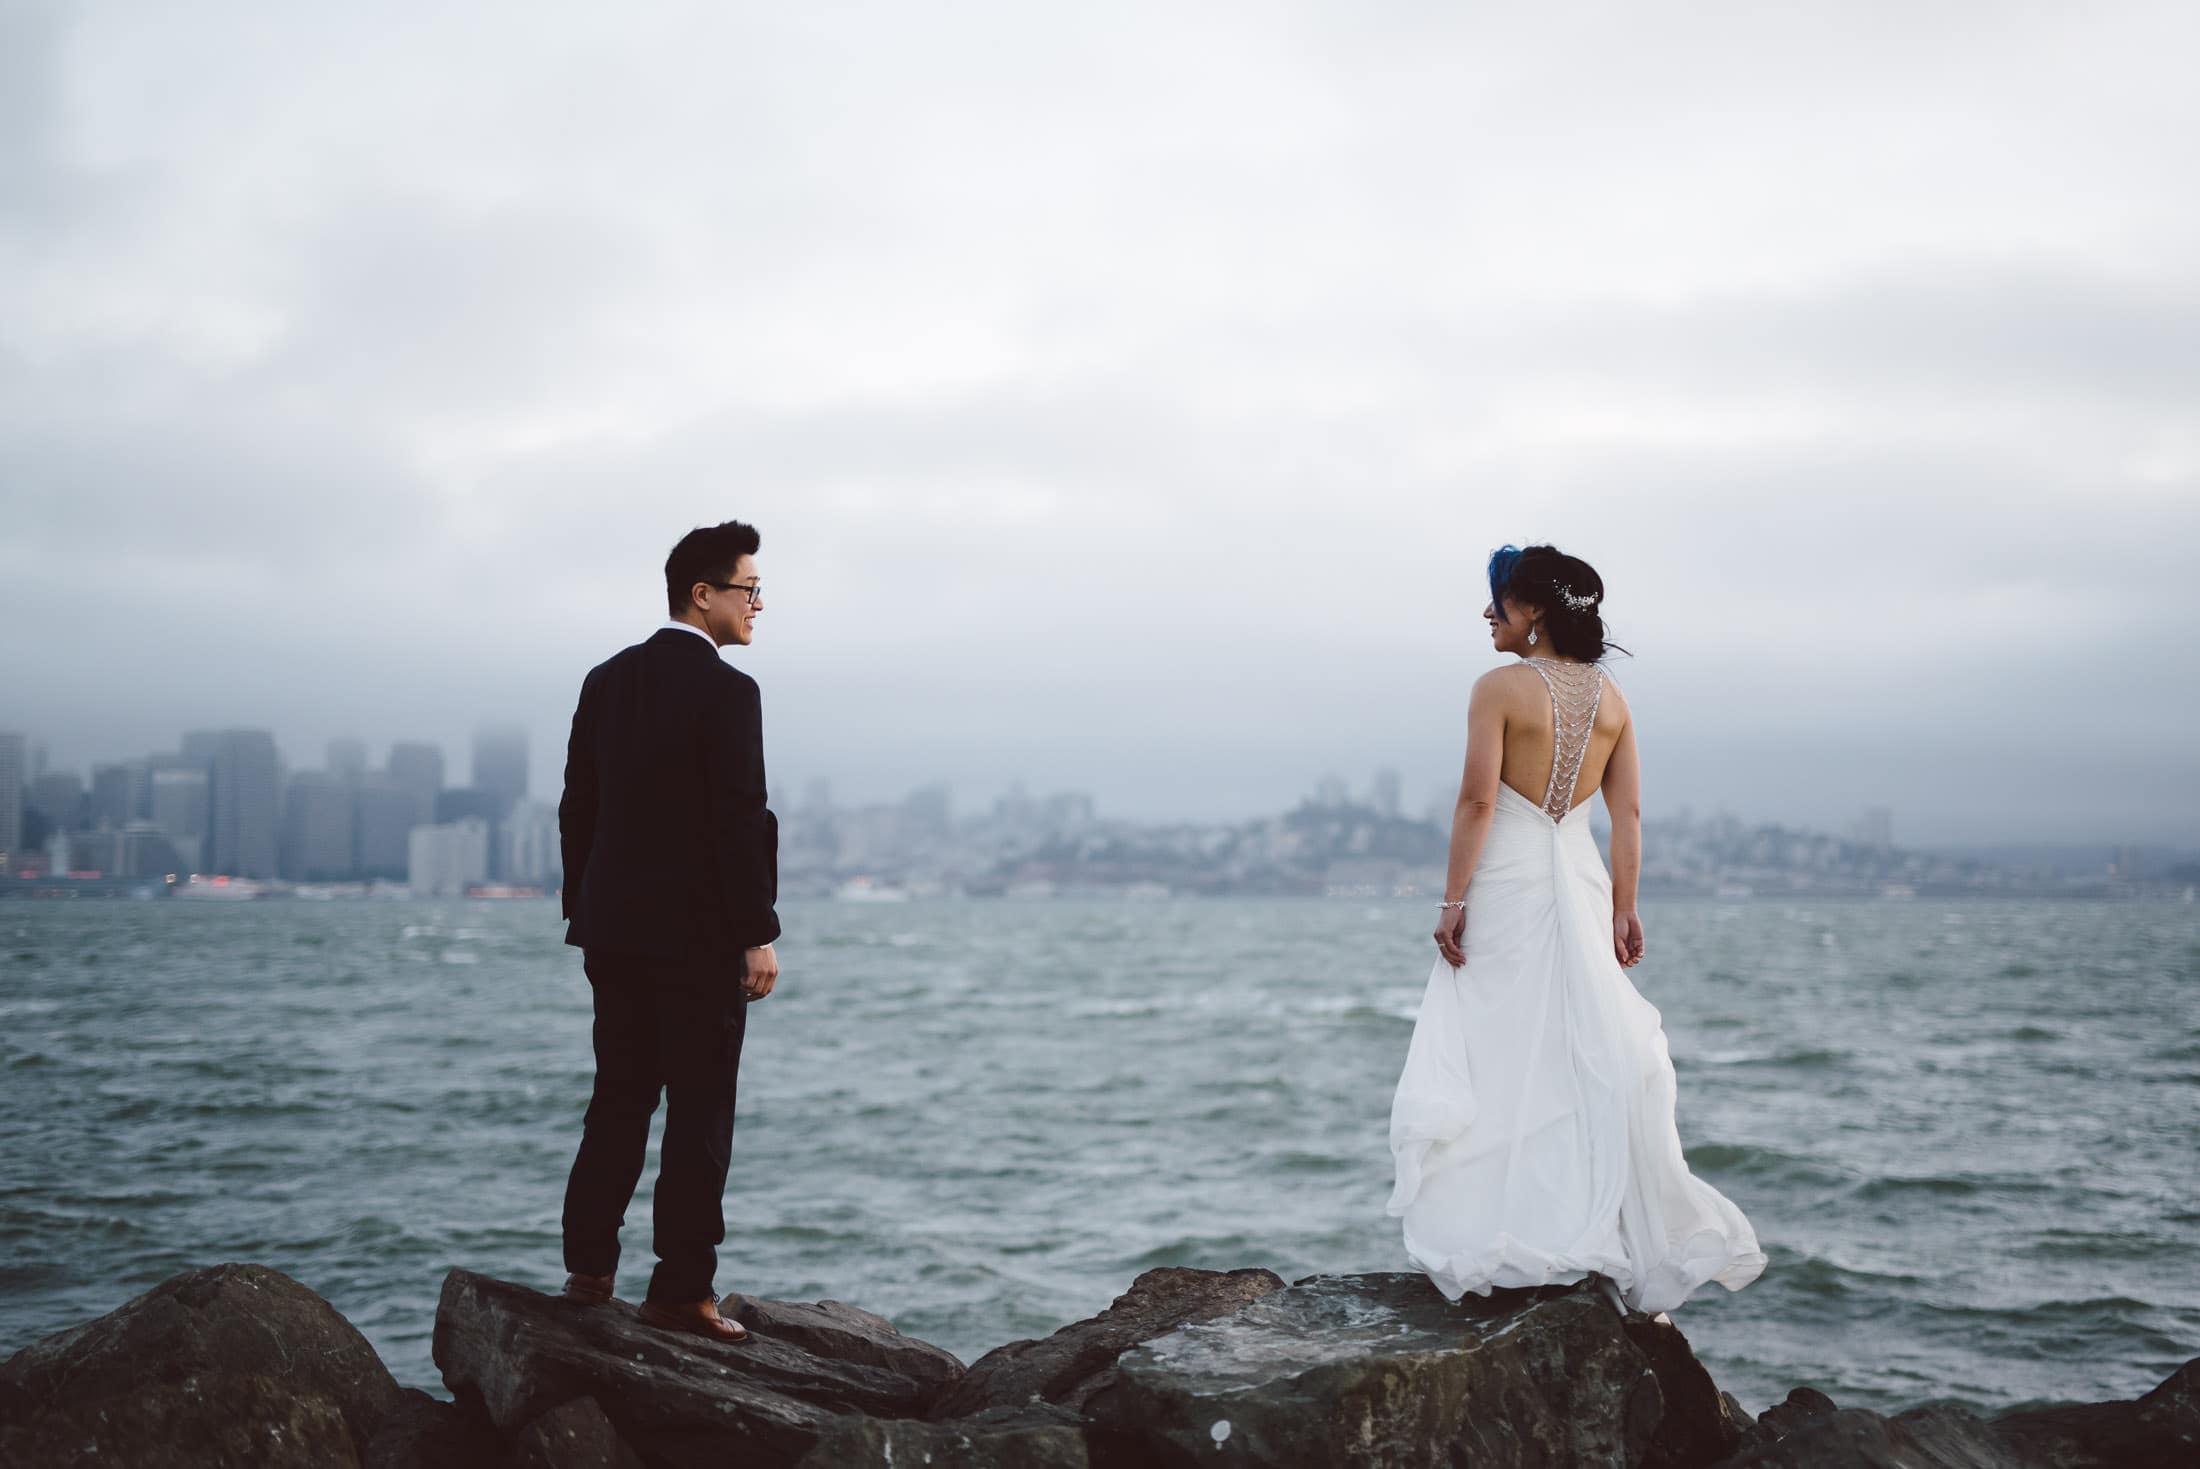 Wedding couple on treasure island